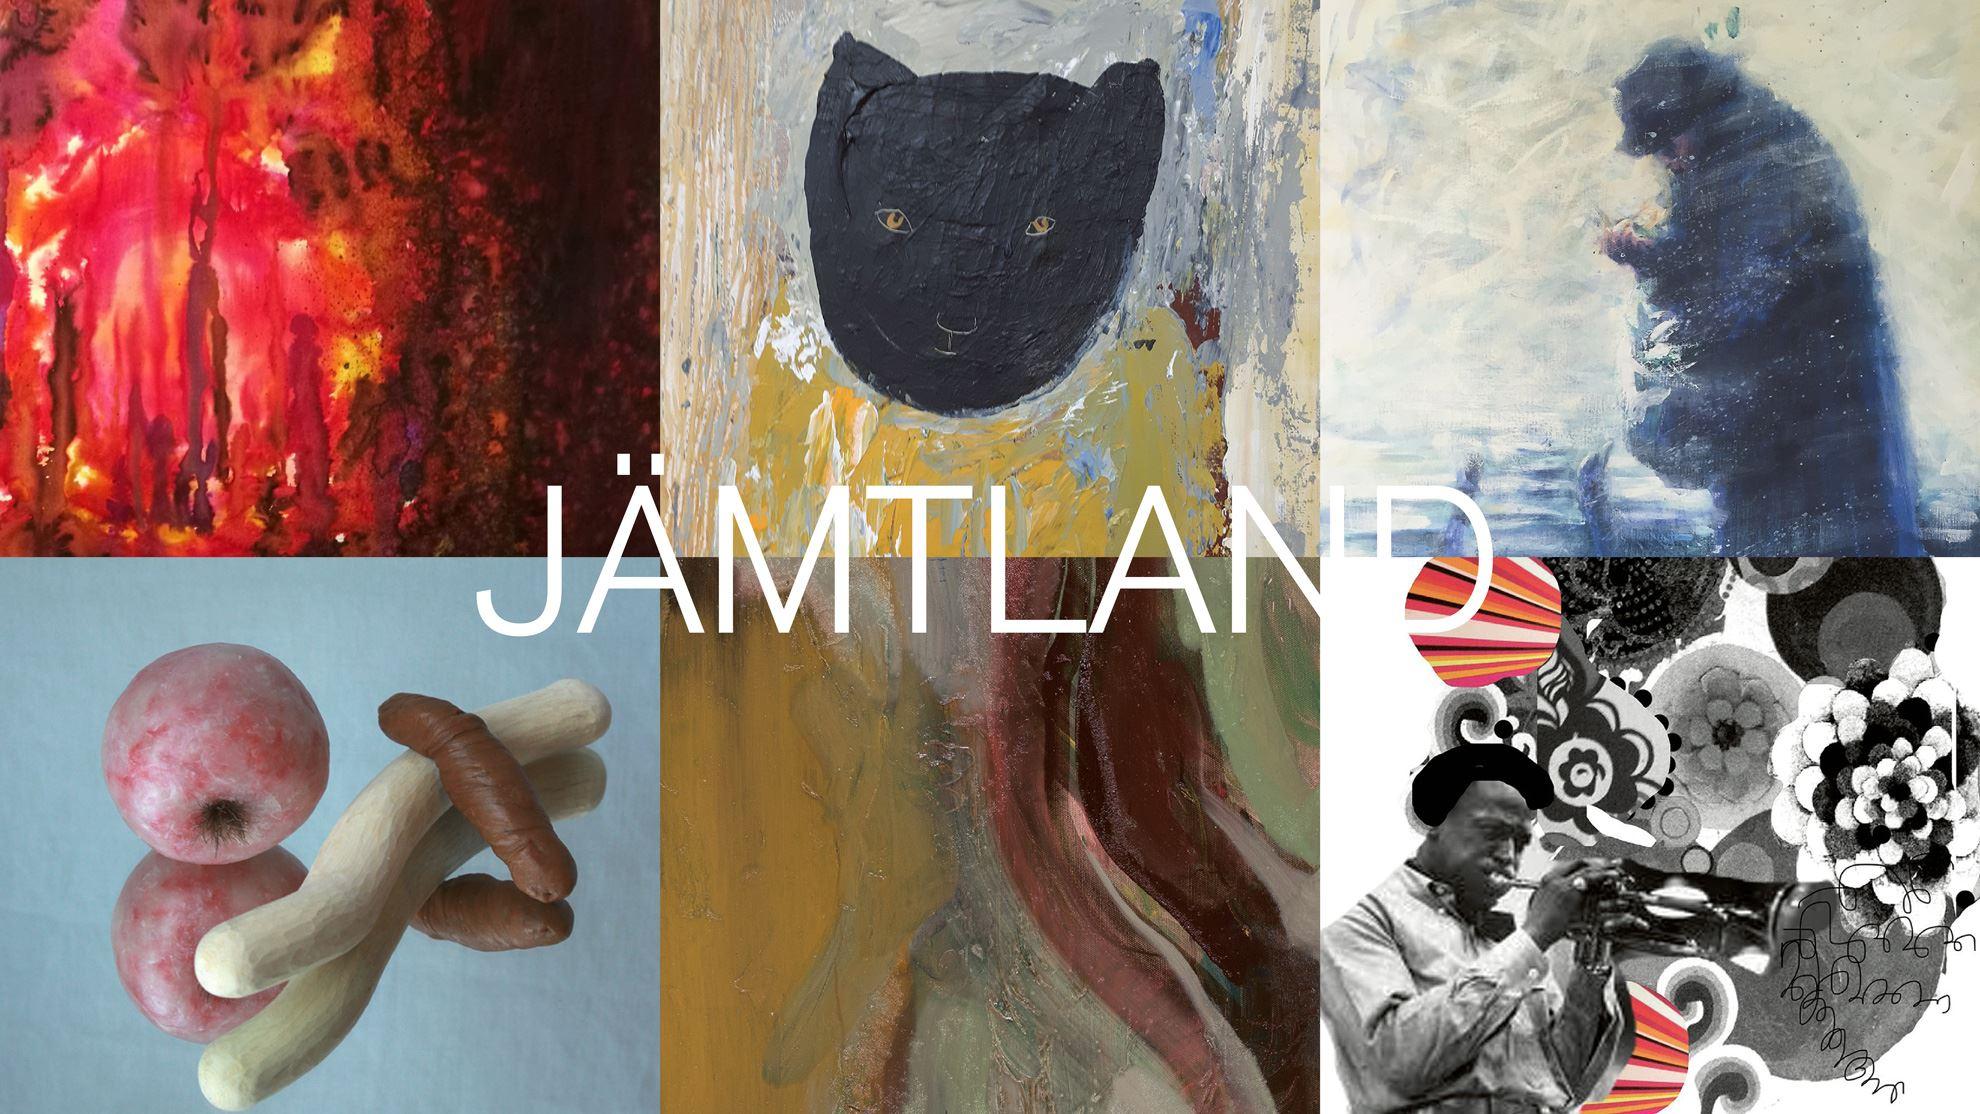 Exhibition: 12 artists from Jämtland & Medelpad